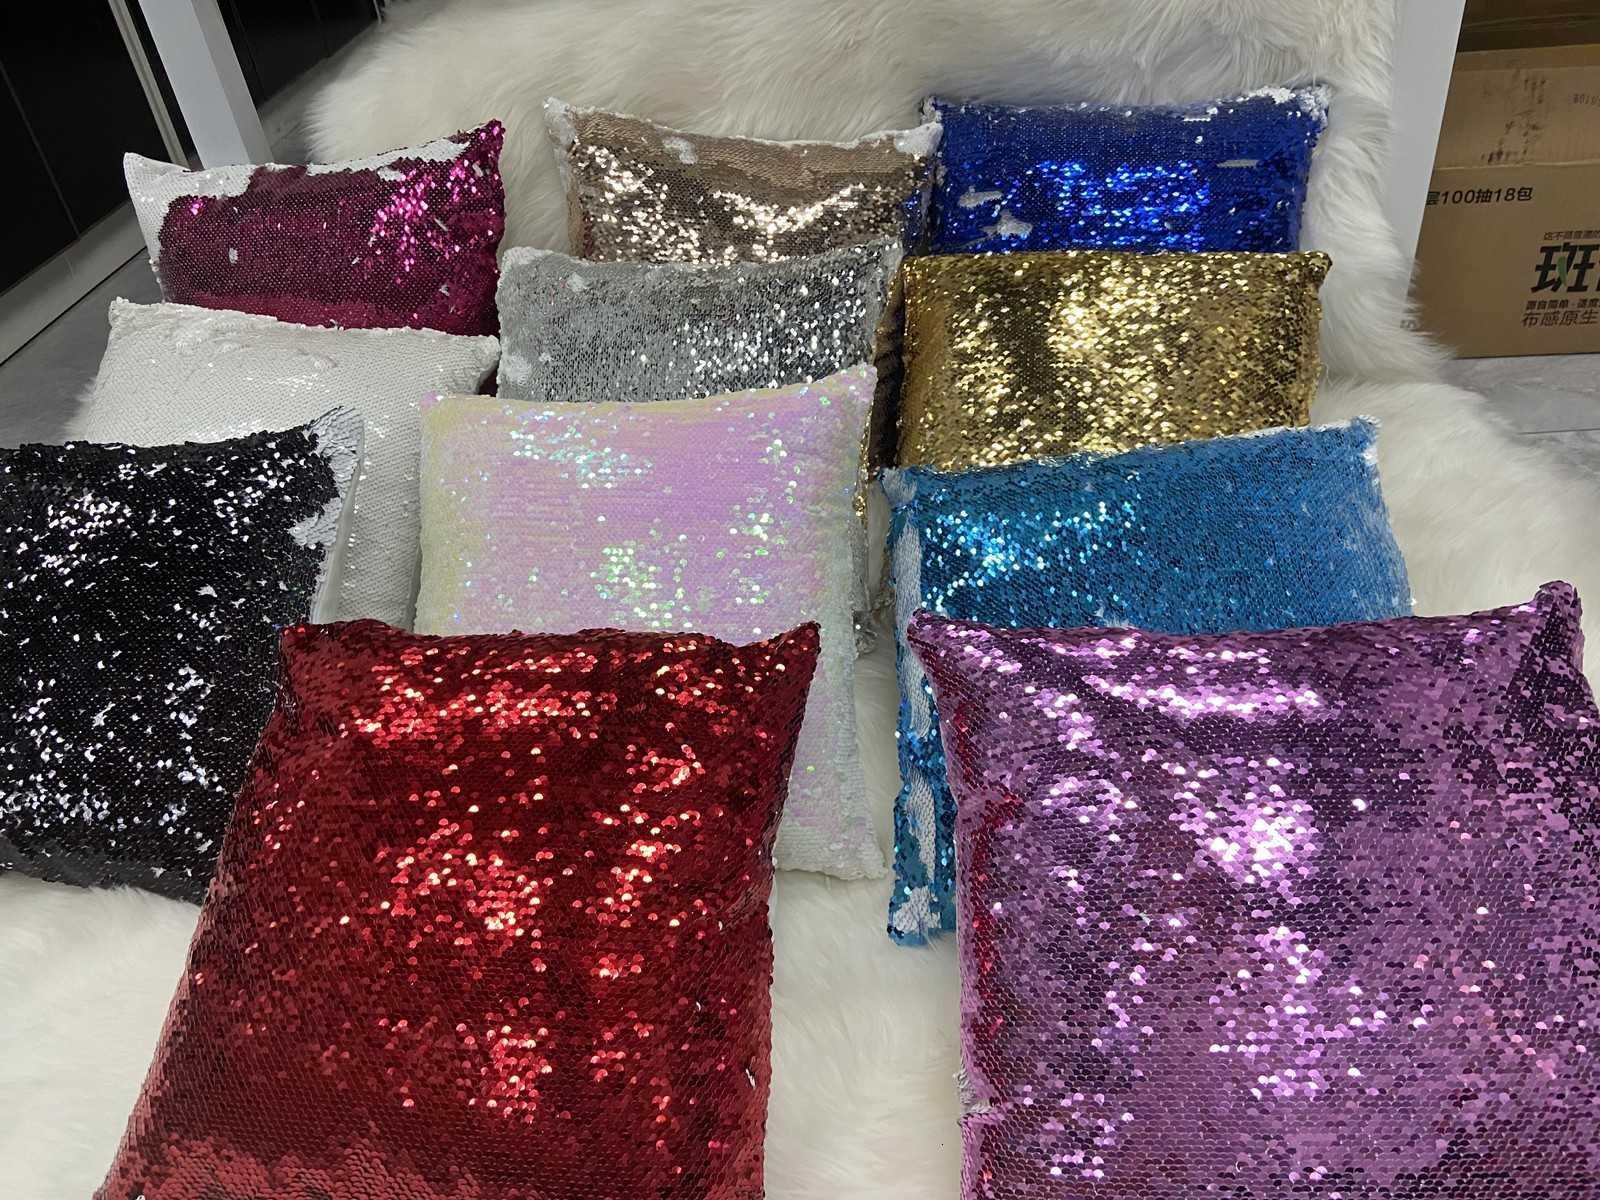 10 pçs / lote Frete Grátis 16x16 polegada Sublimação Flip Lantejoulas Caso de travesseiro Decorativo Printable Calor Prima Capa de Almofada